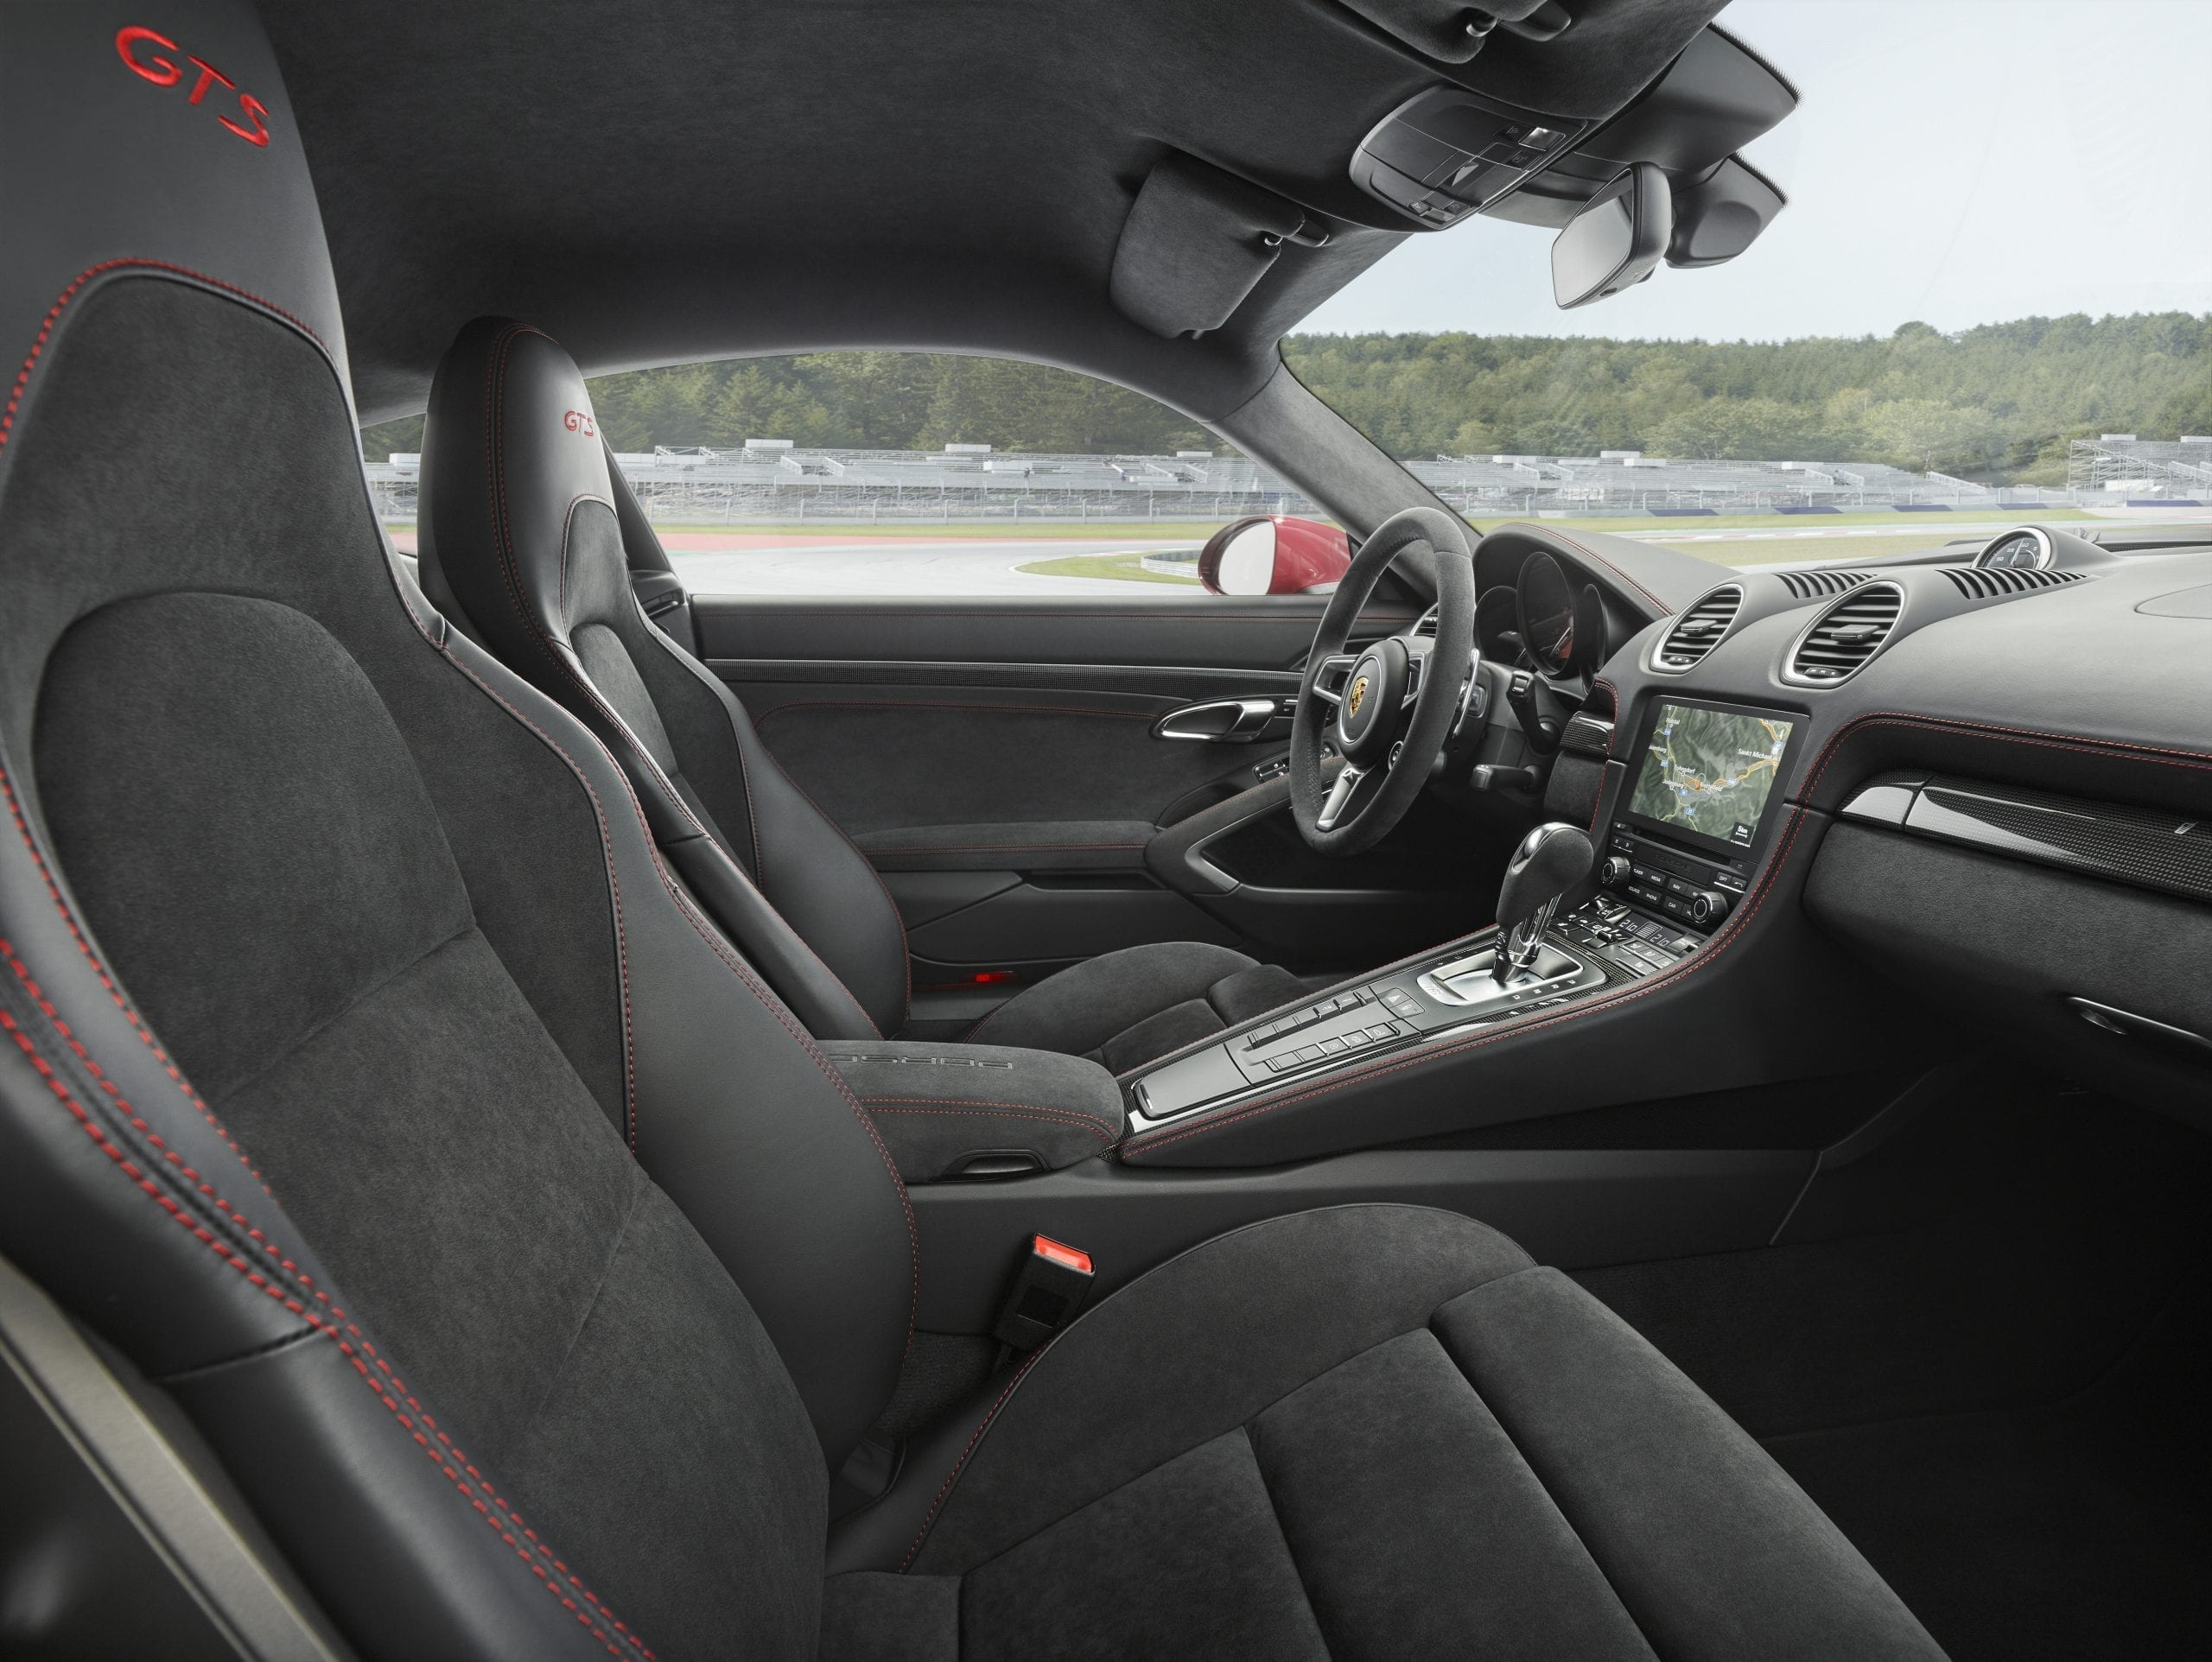 Porsche 718 Cayman 2018 interior (Photo: Porsche)